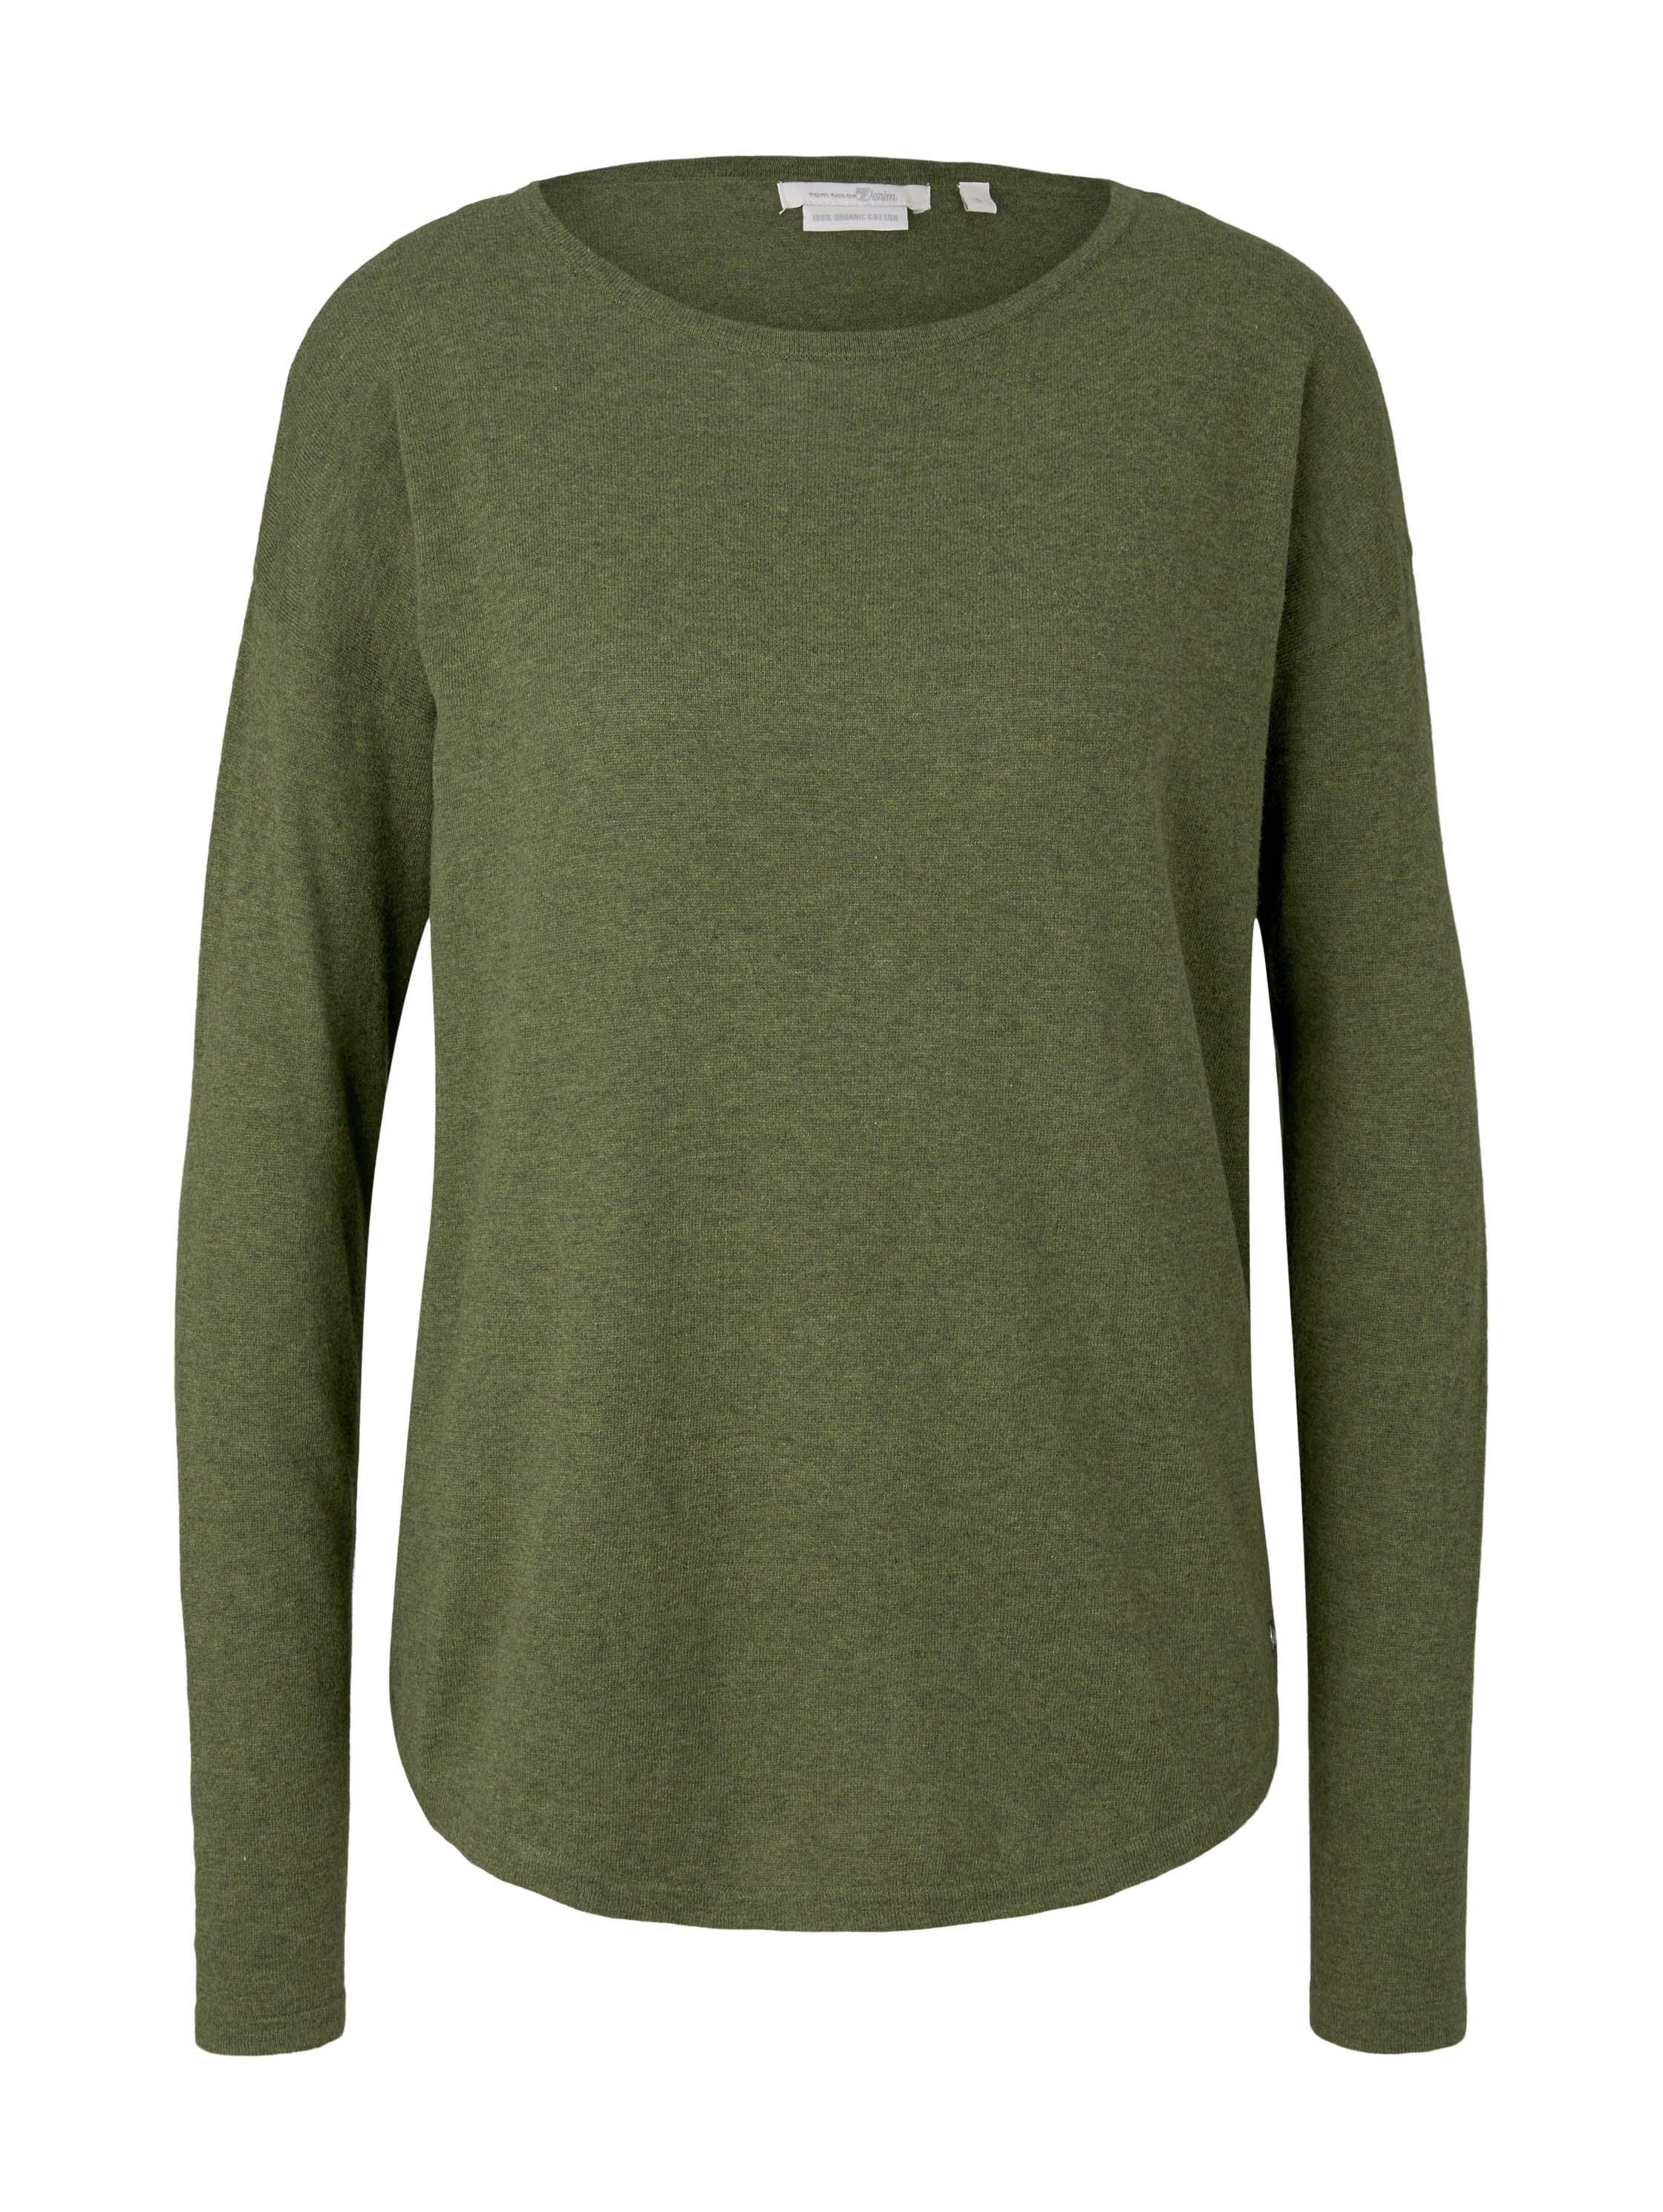 basic boat neck pullover, moss green melange